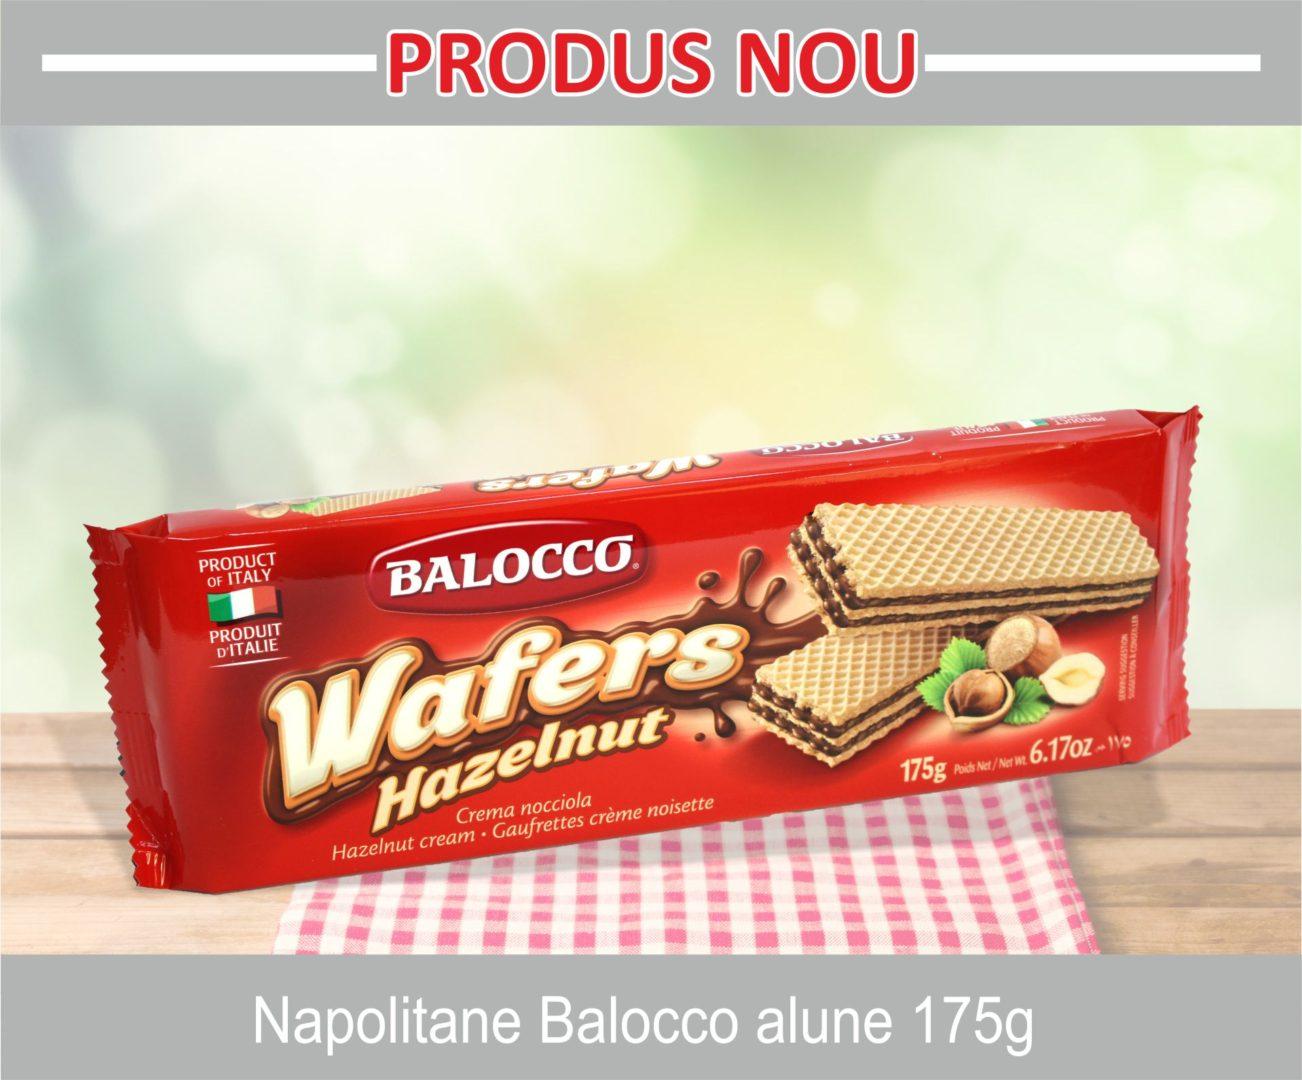 Napolitane Balocco alune